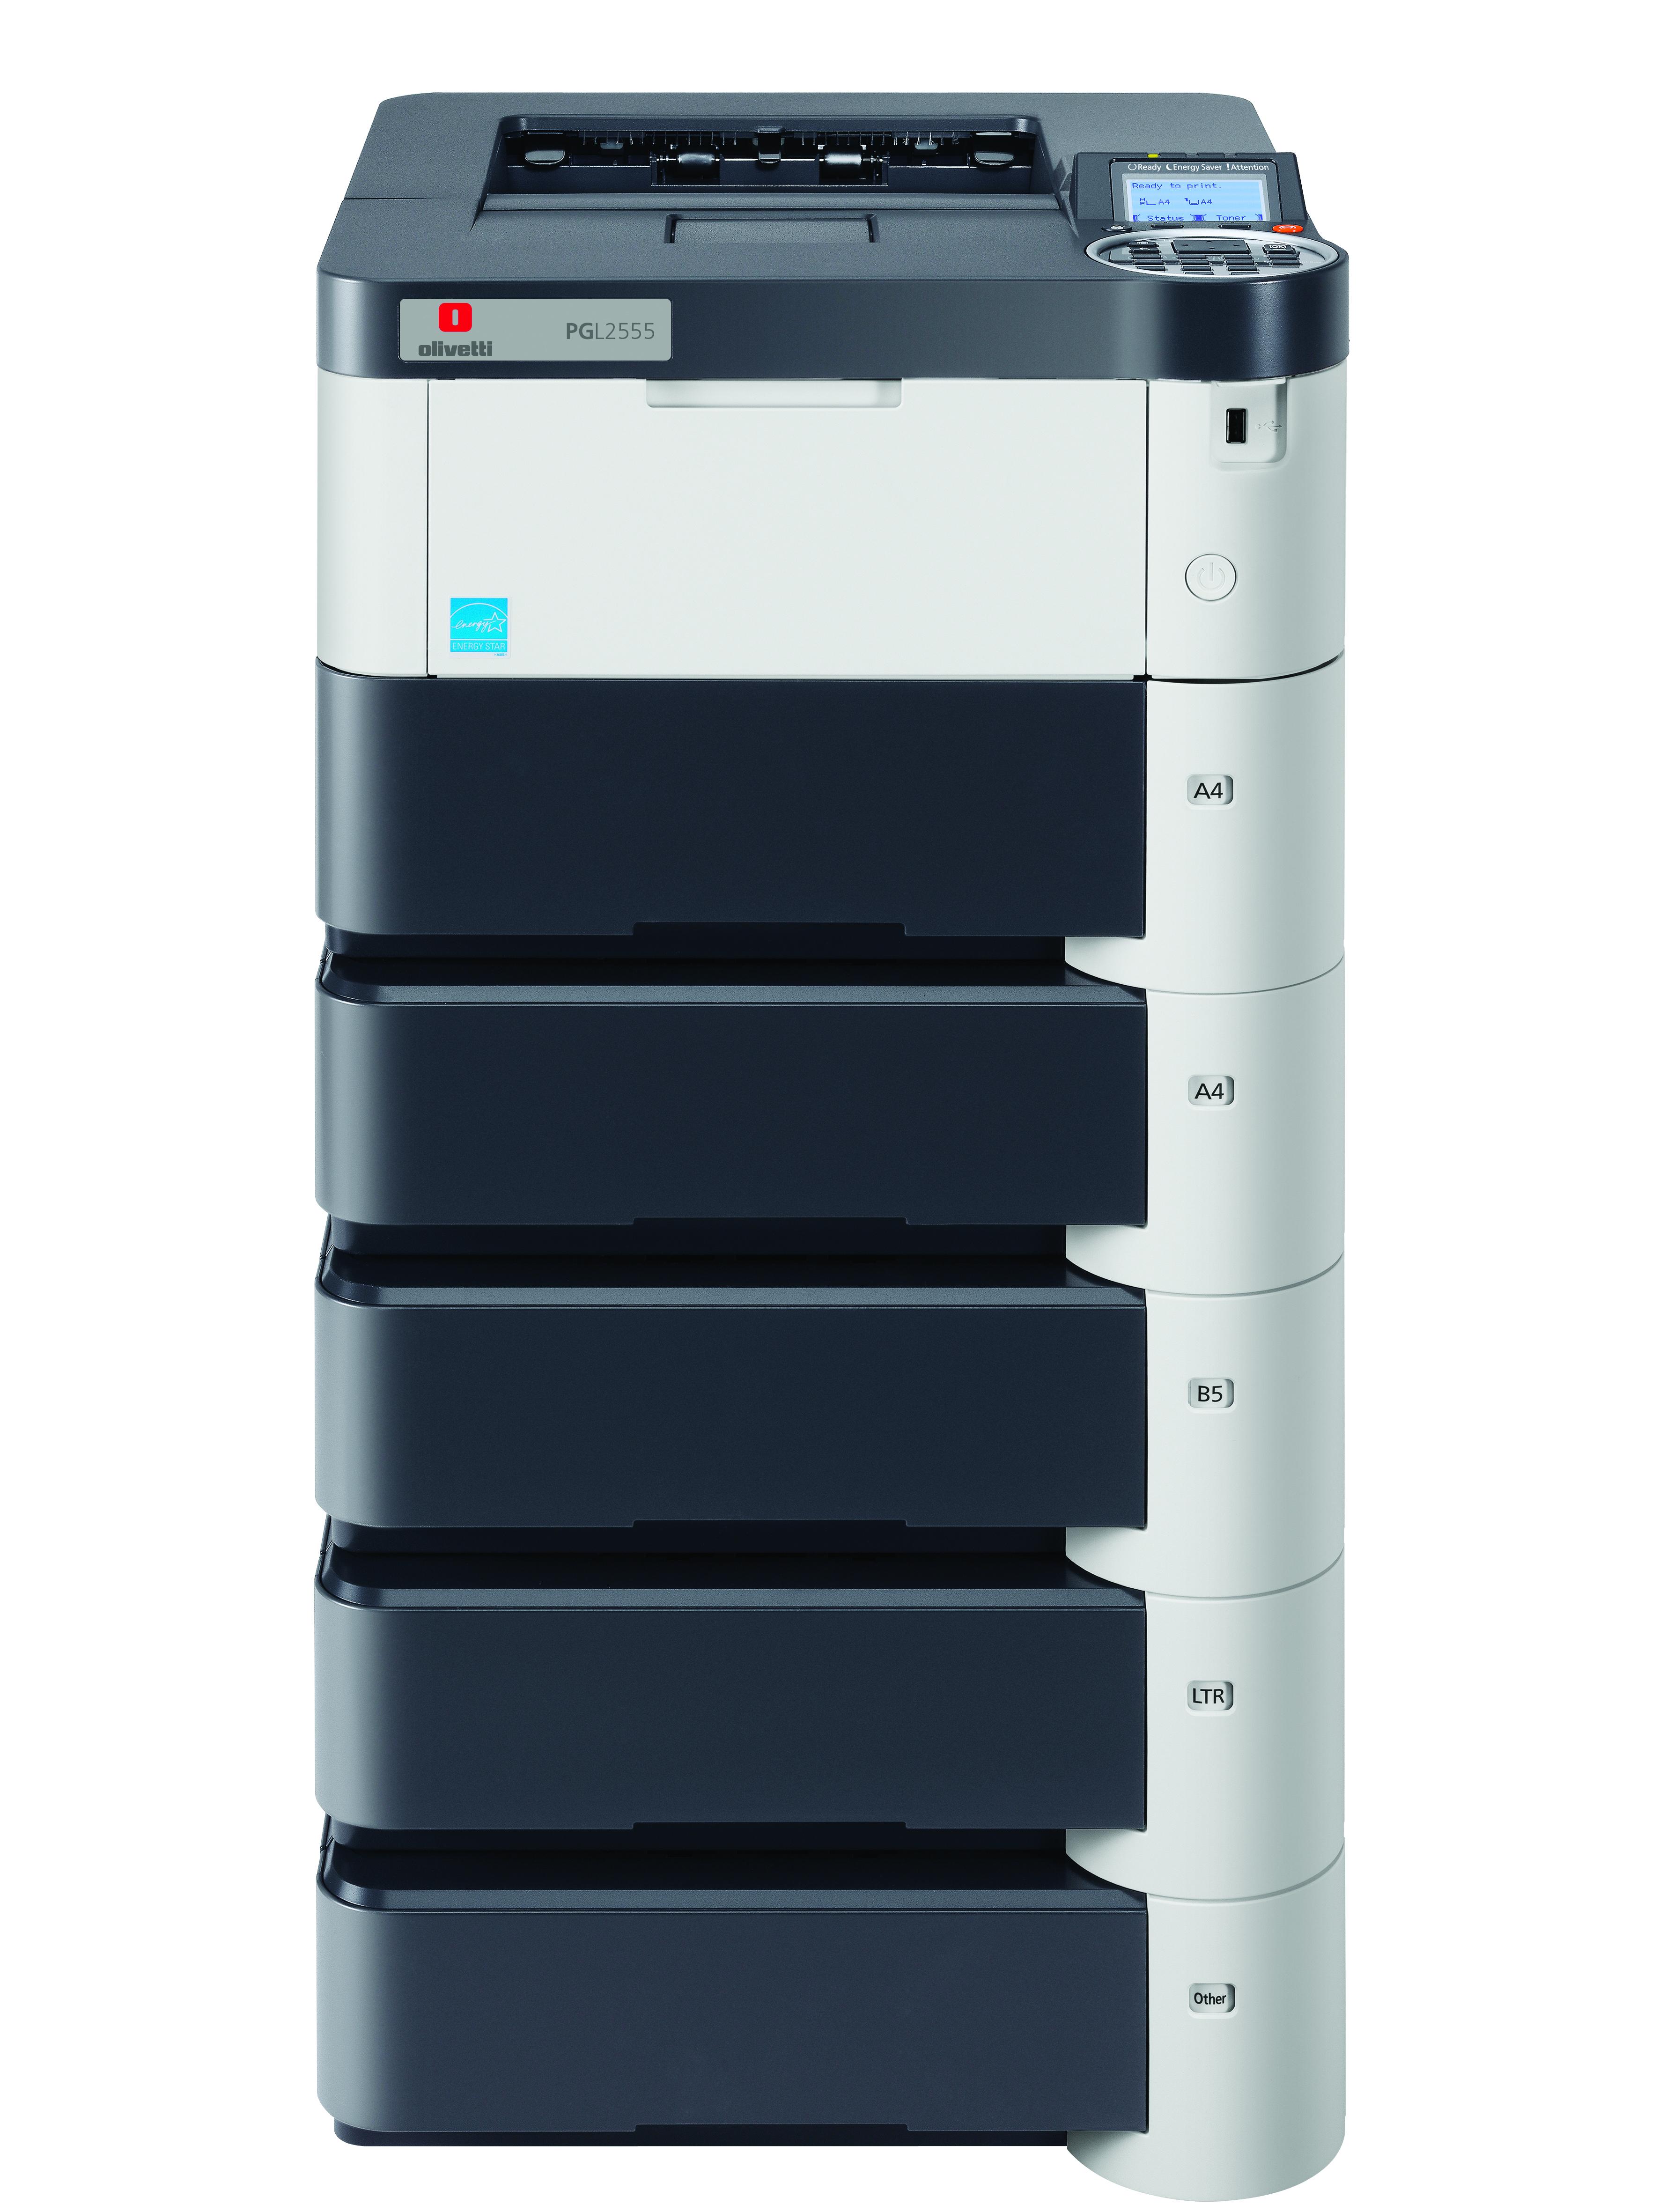 Olivetti – PG L2545 / PG L2550 / PG L2555